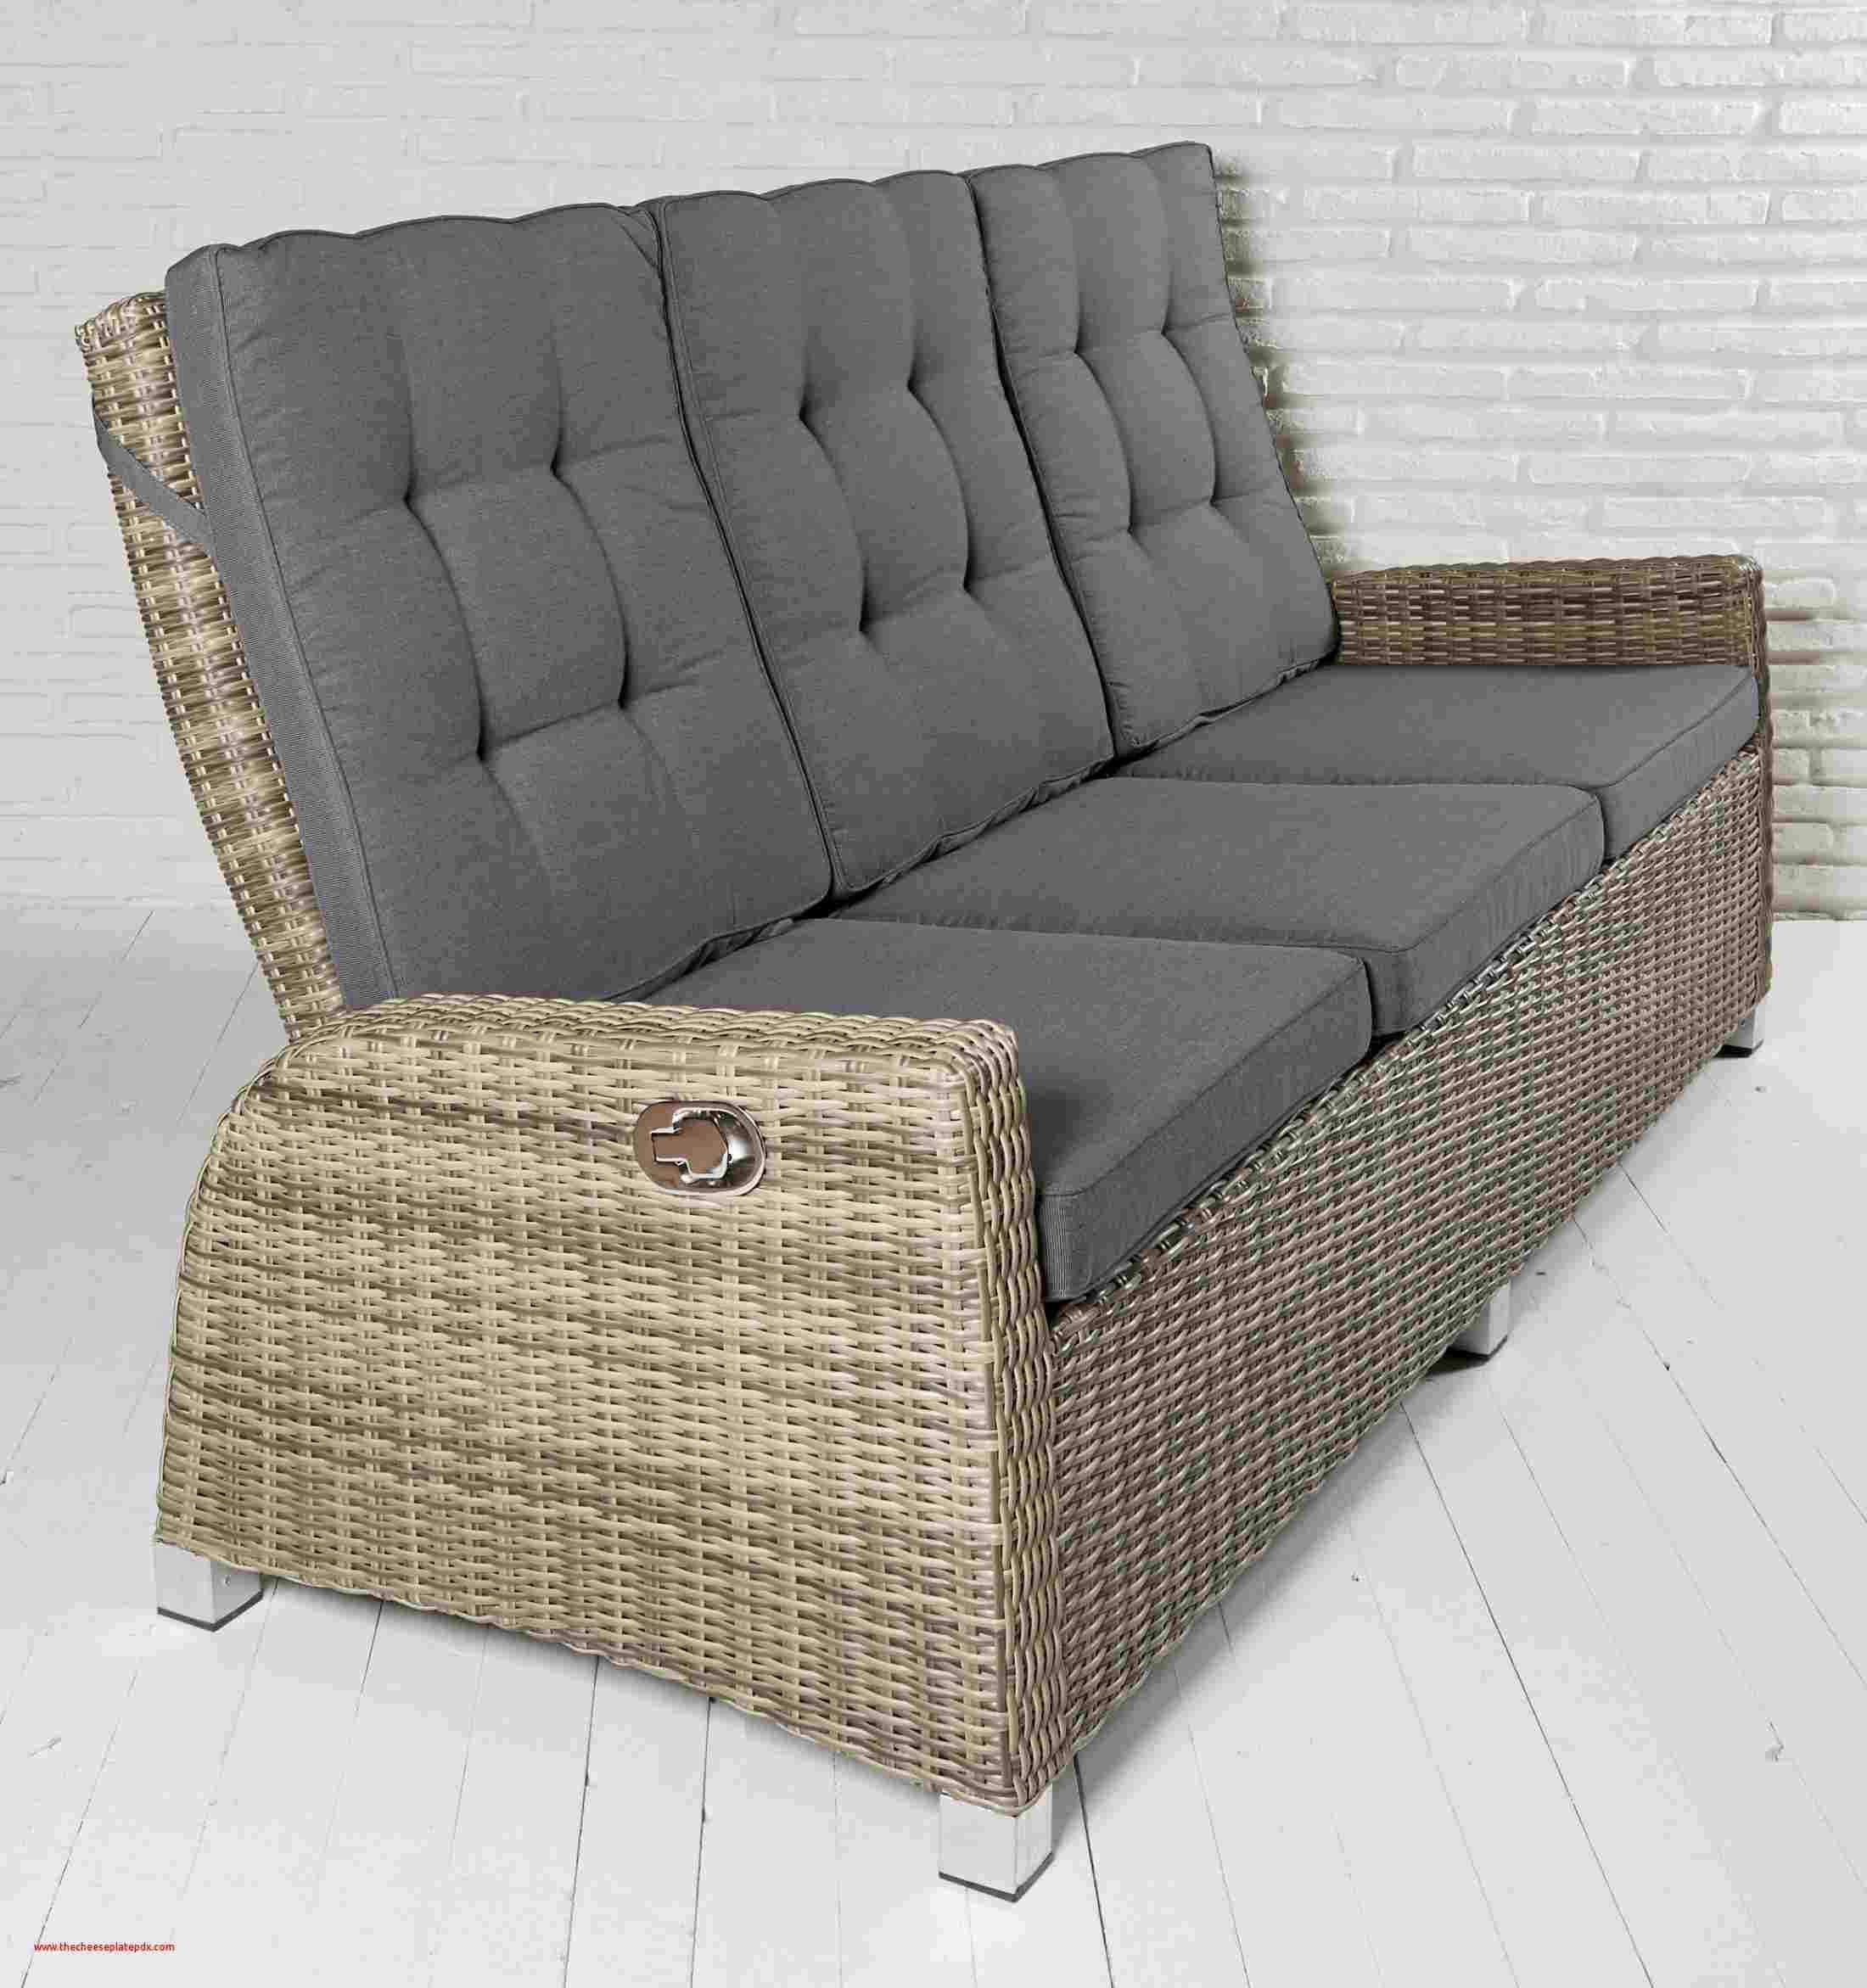 rattan sofa wohnzimmer reizend 40 oben von von sofa sofort lieferbar konzept of rattan sofa wohnzimmer